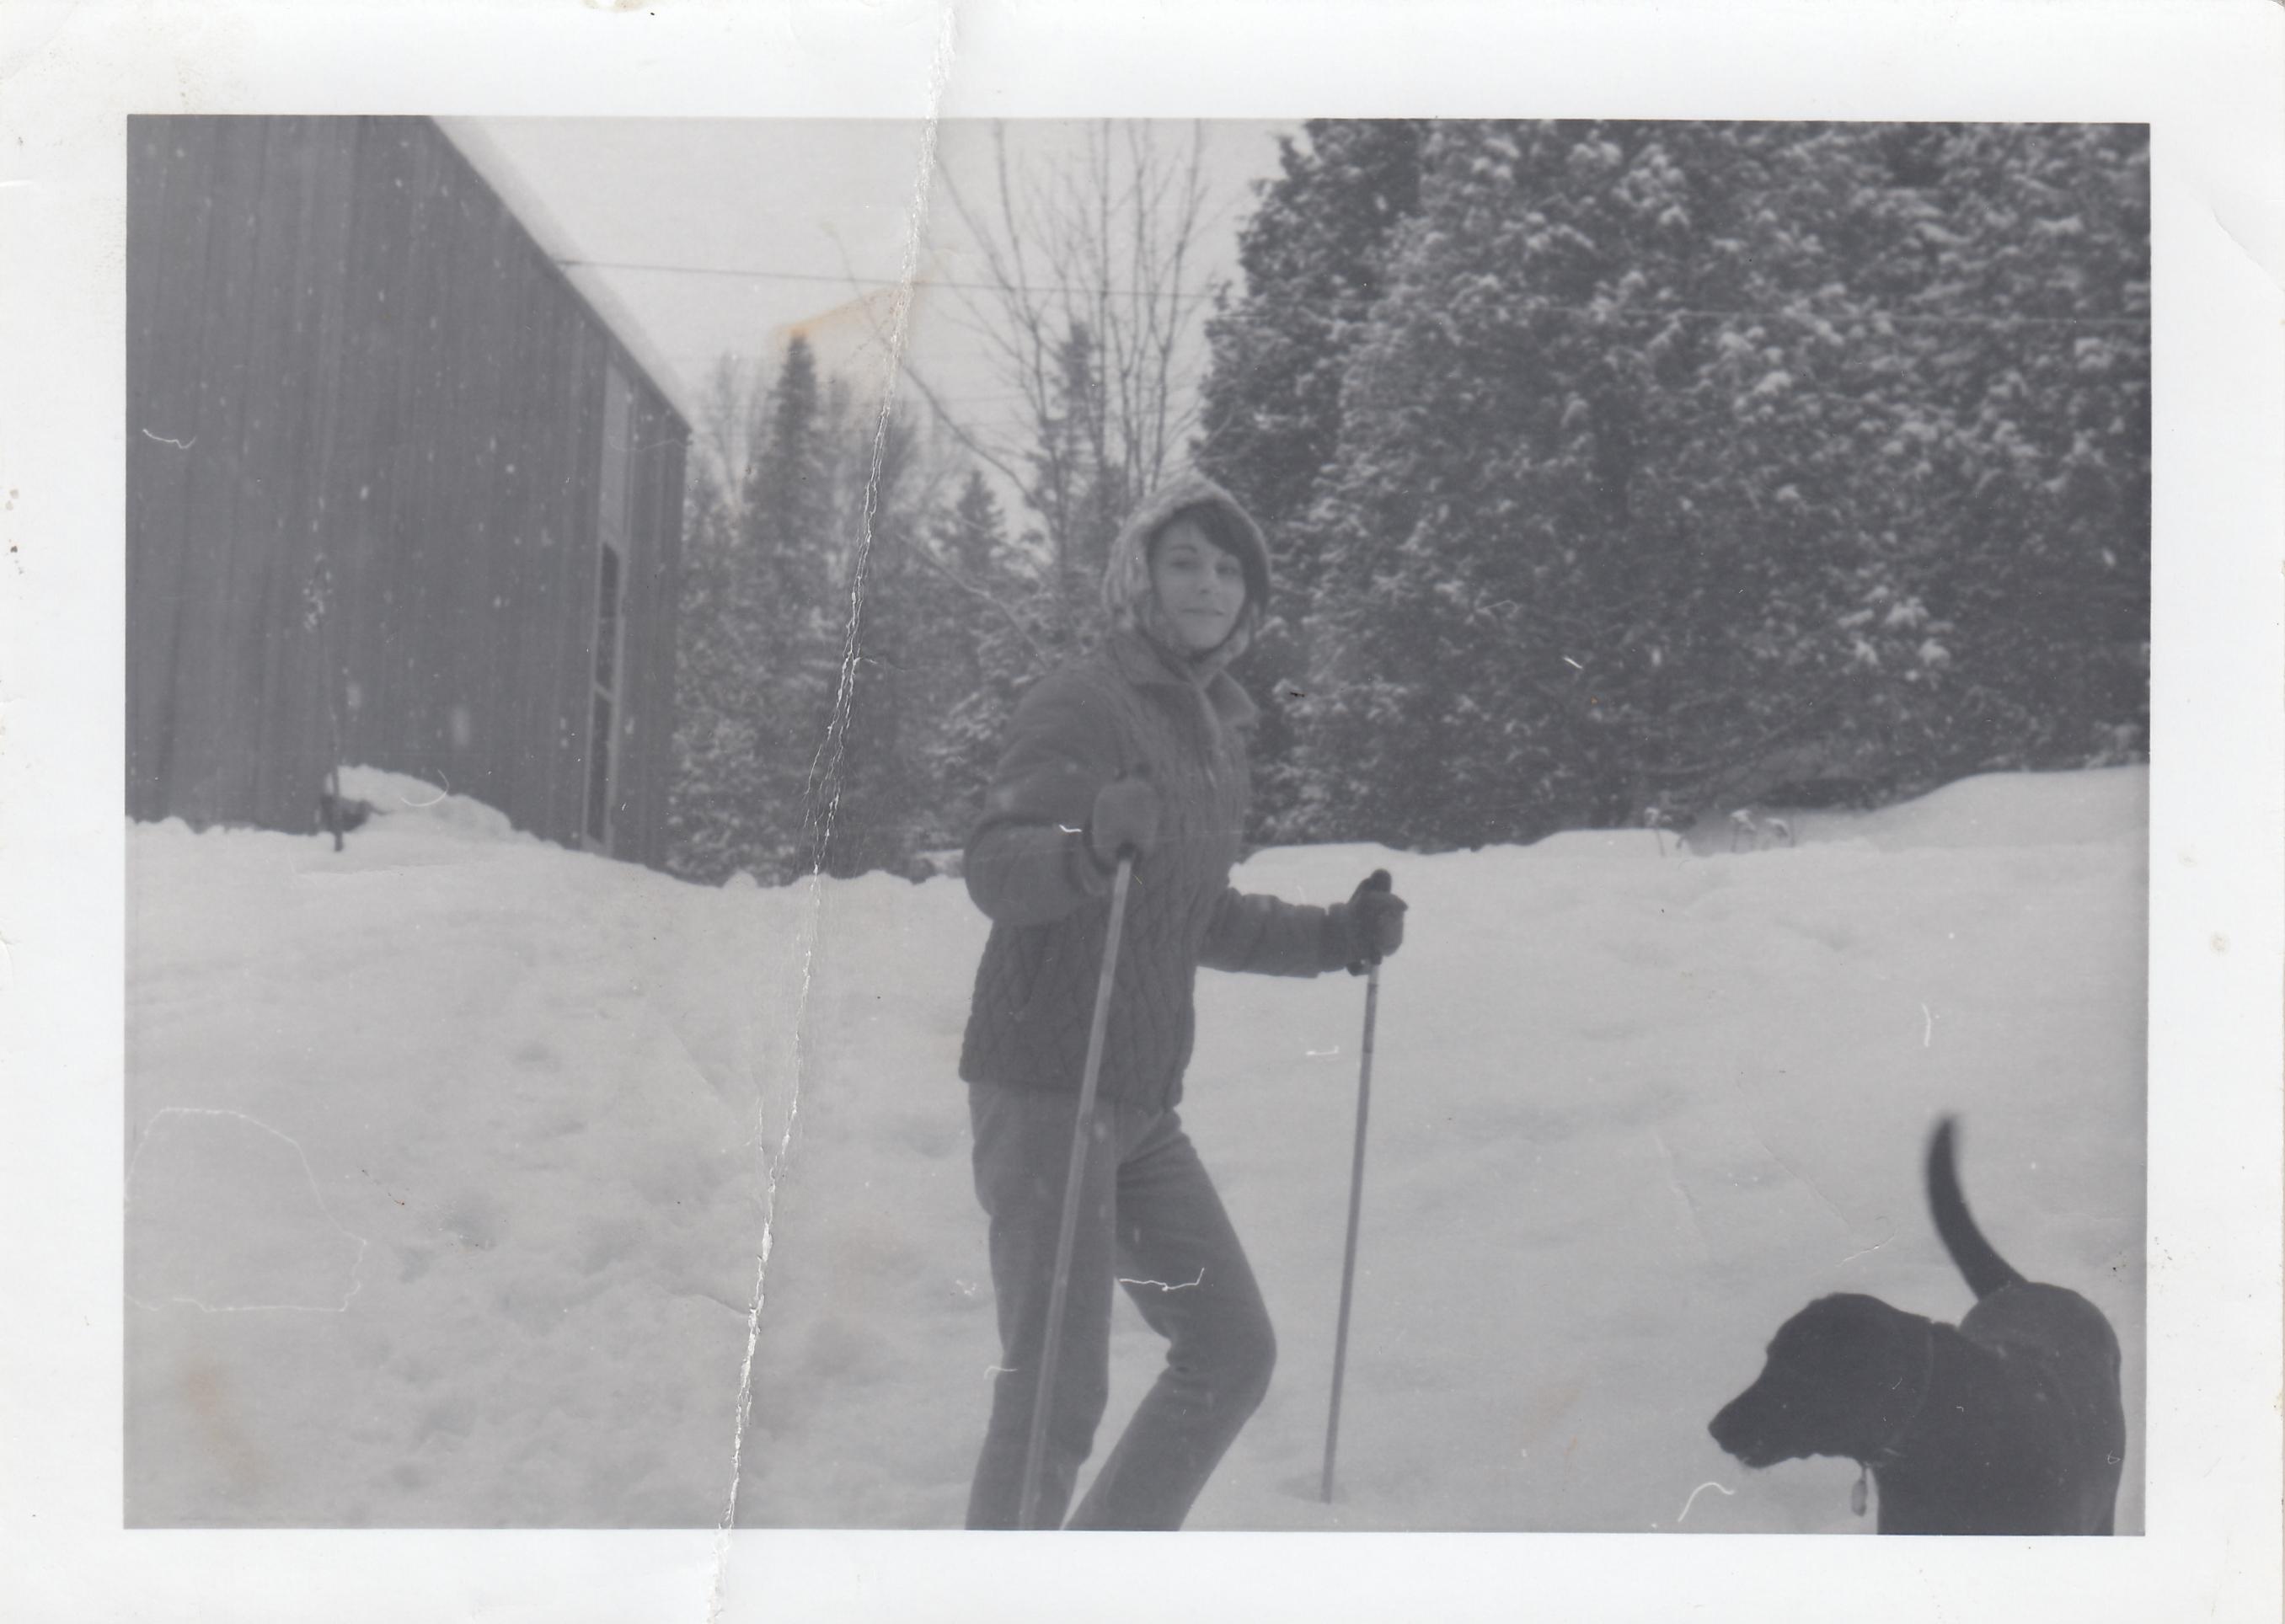 HaliburtonJan1st1967.jpg